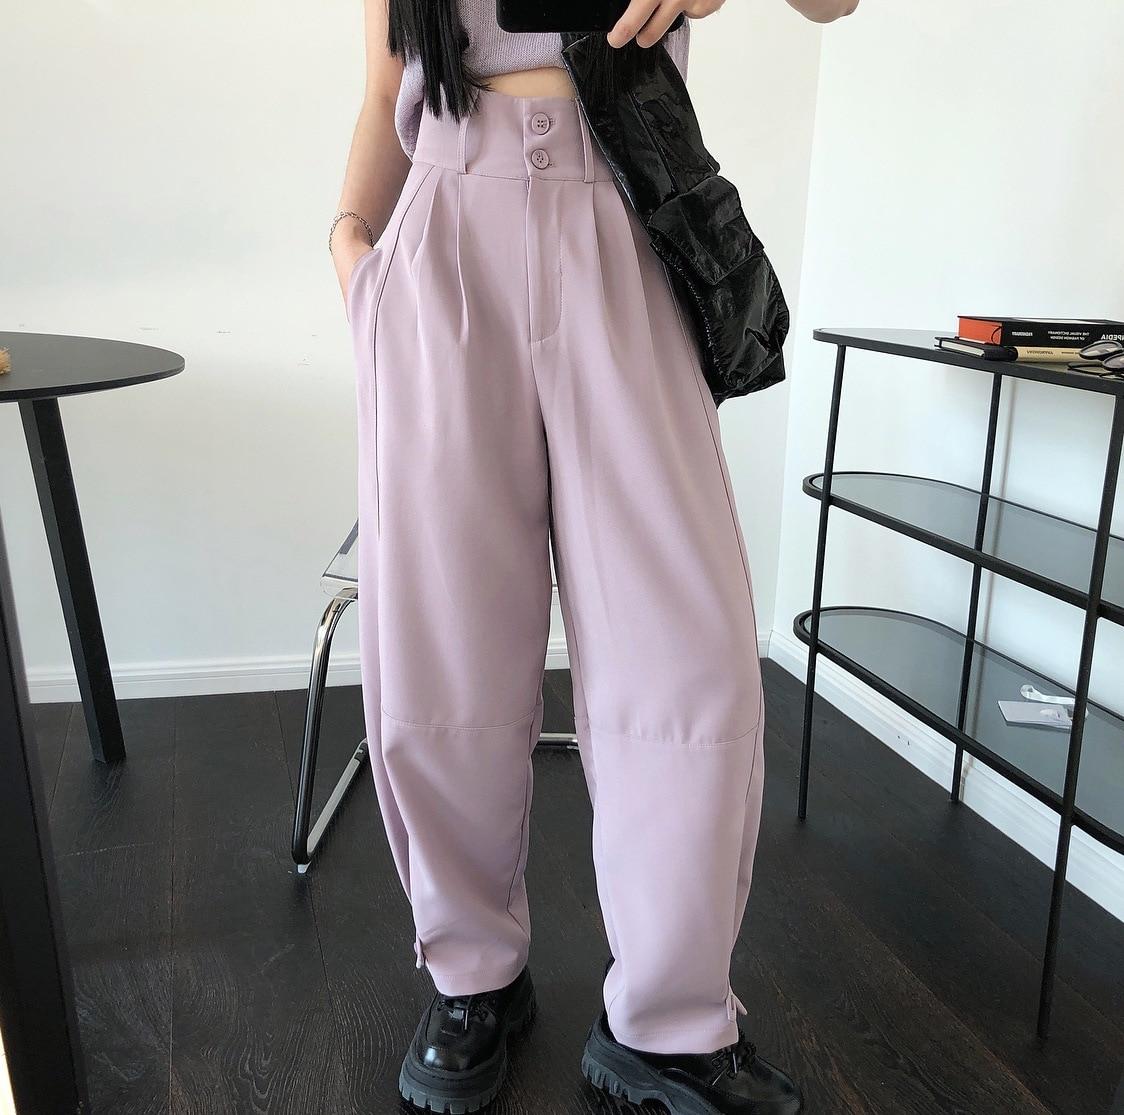 Женские длинные брюки с высокой талией, повседневные свободные брюки-карго на пуговицах, уличная одежда, лето 2020